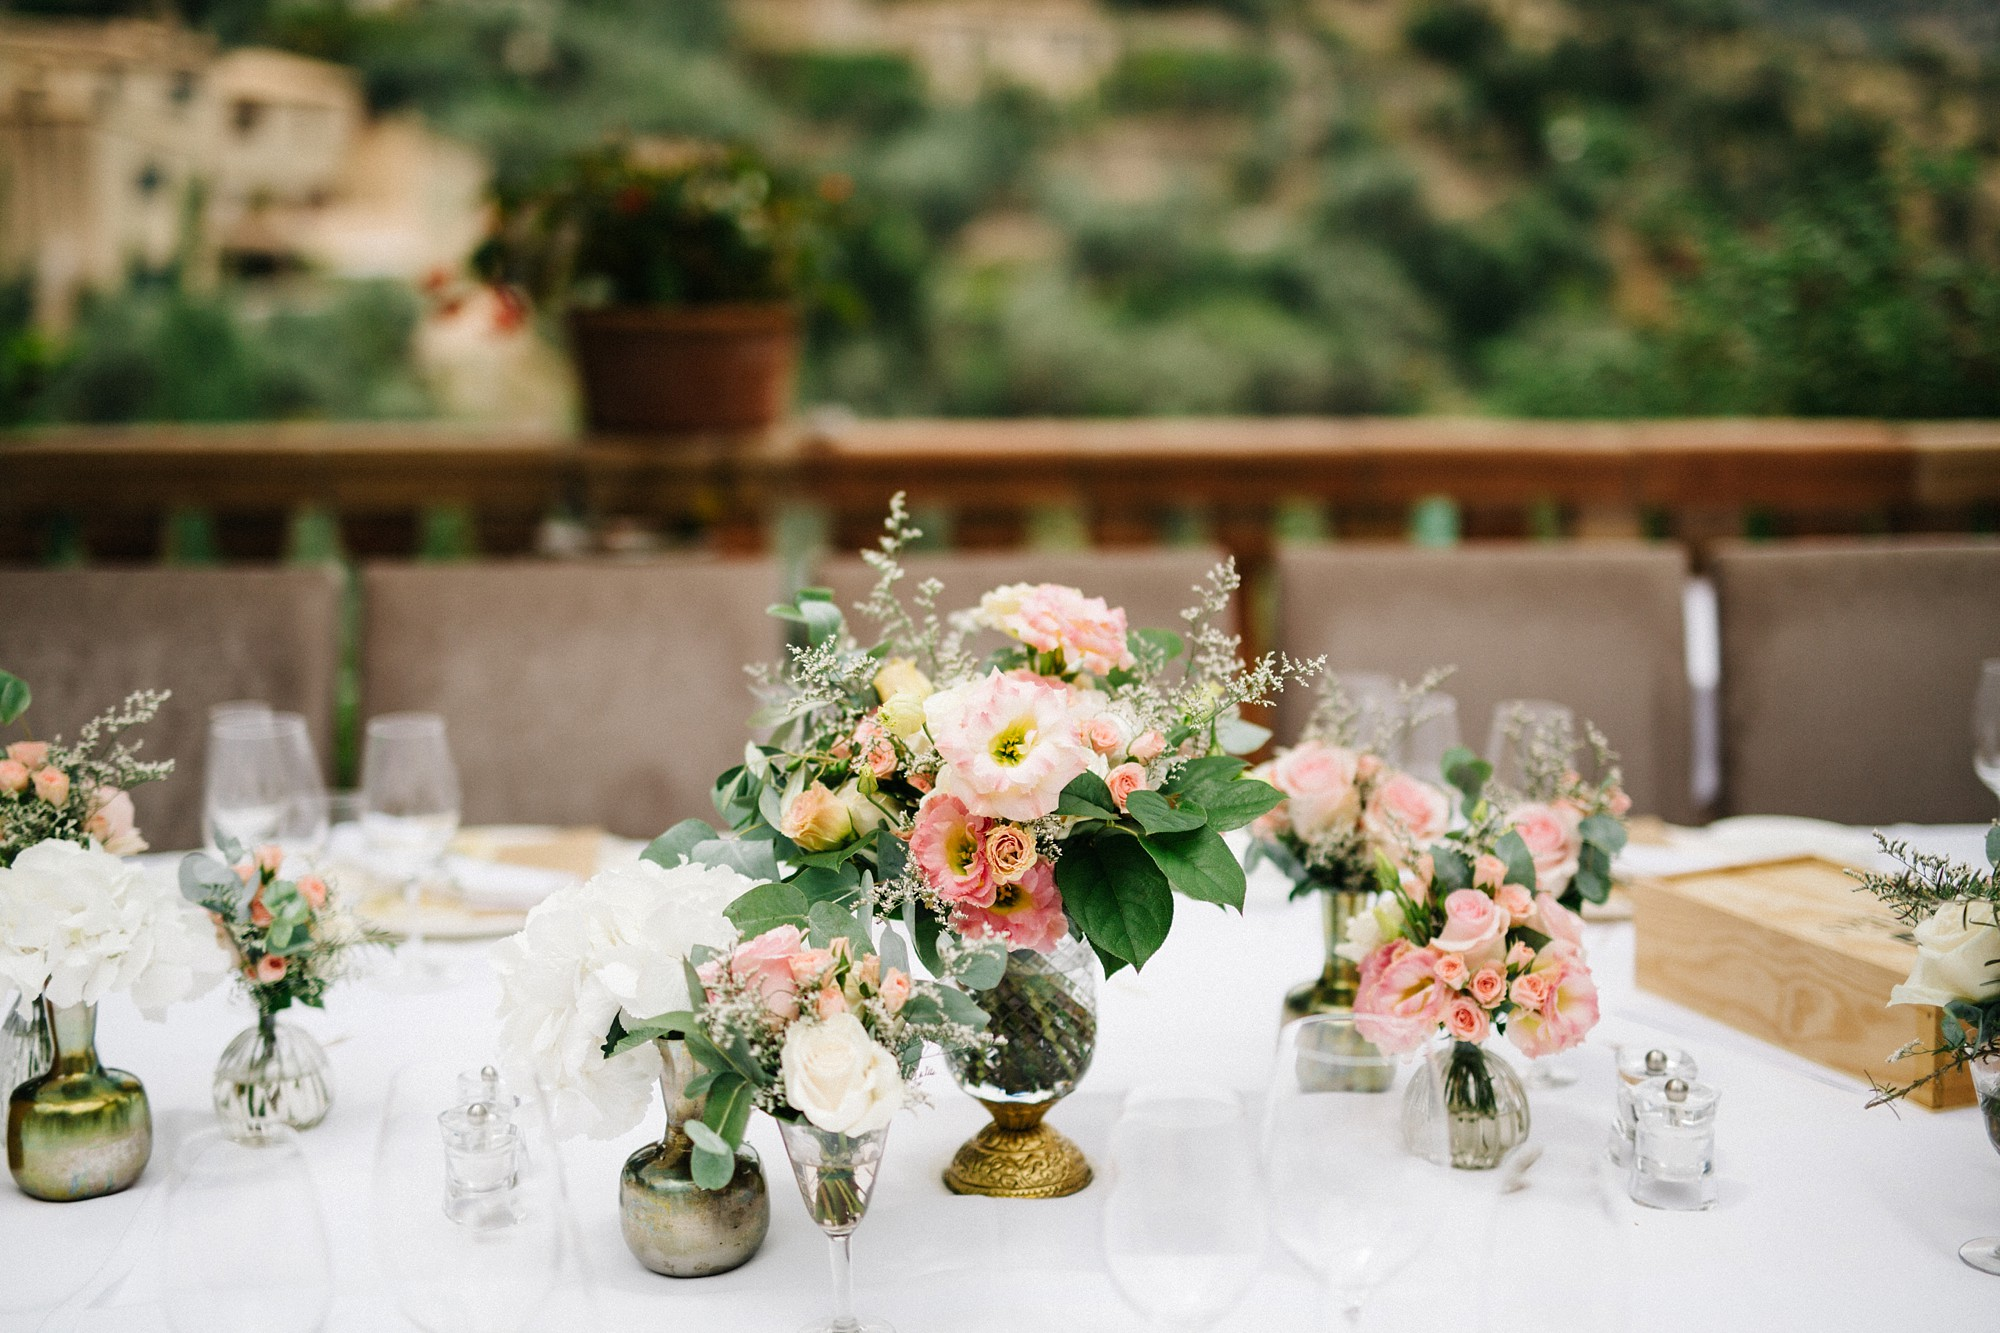 fotografos de boda en valencia barcelona mallorca wedding photographer121.jpg